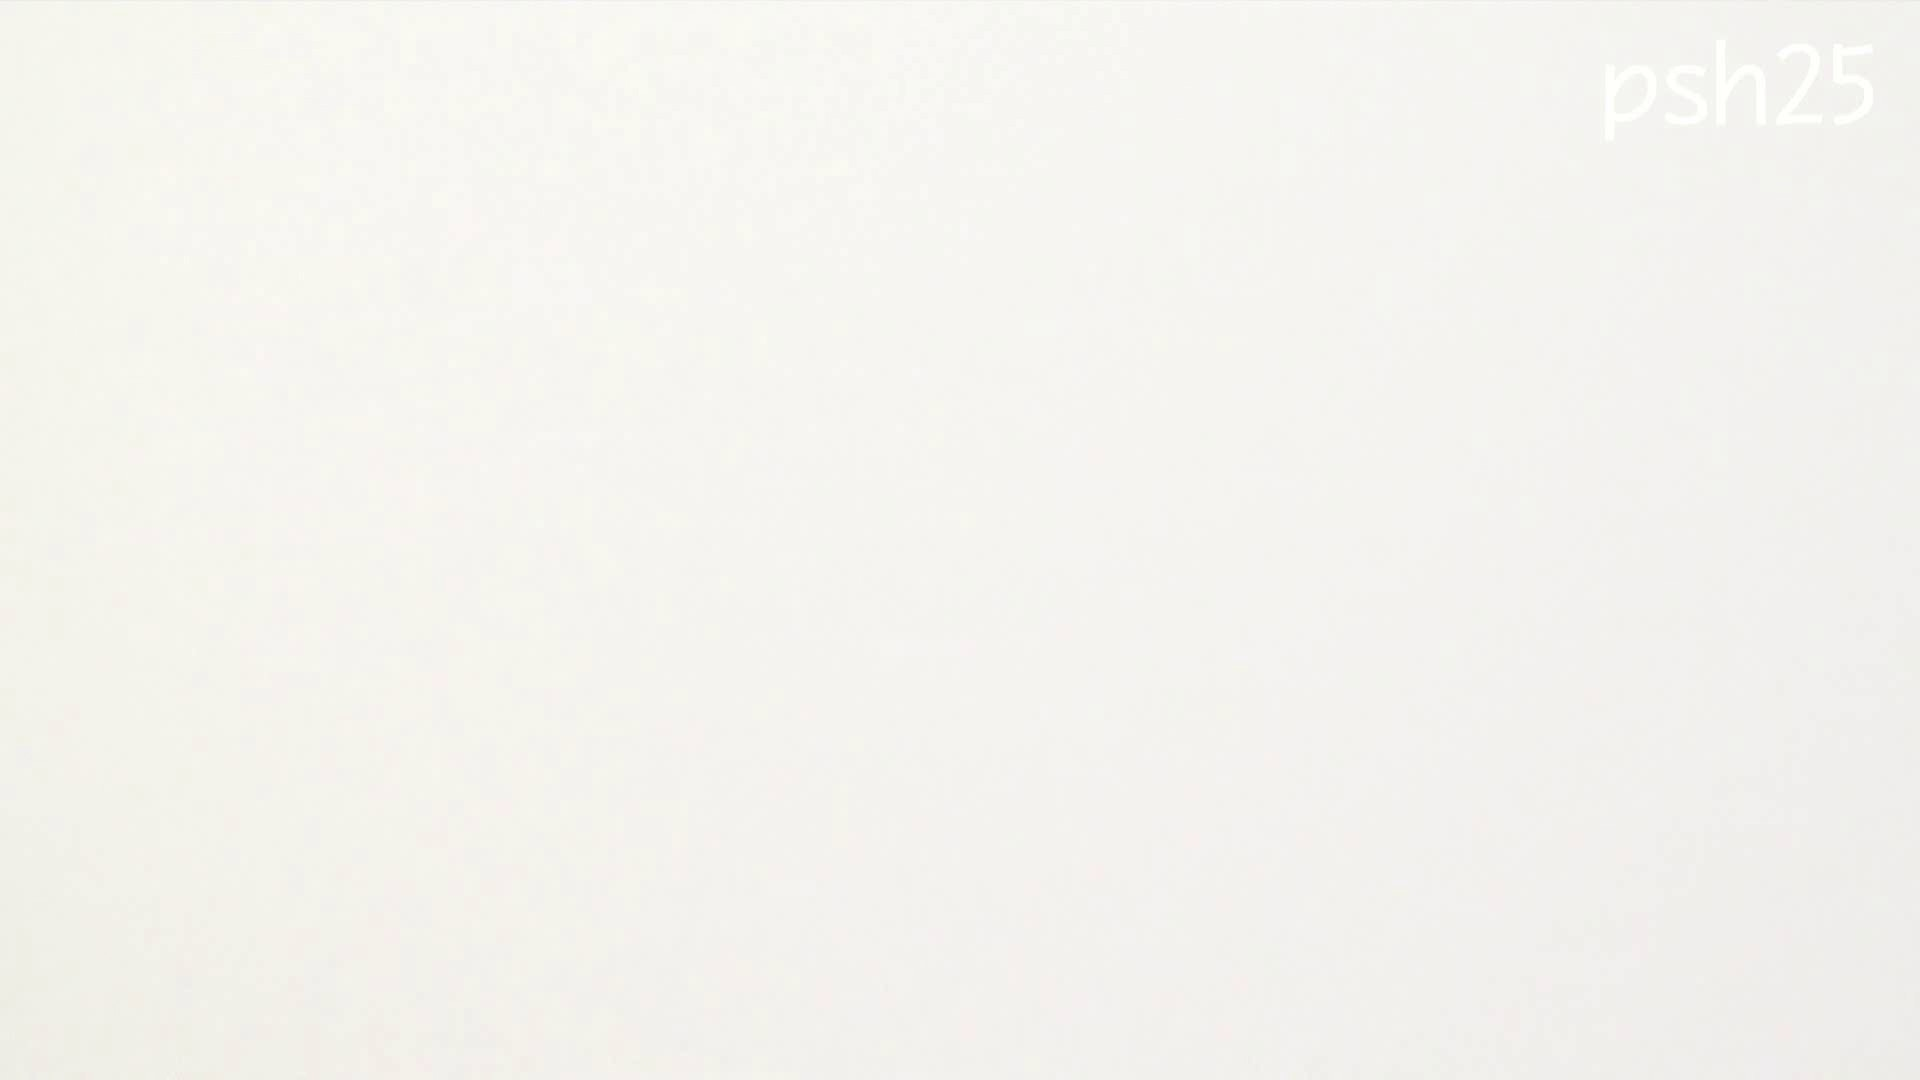 ▲復活限定▲ハイビジョン 盗神伝 Vol.25 OL女体  71連発 24